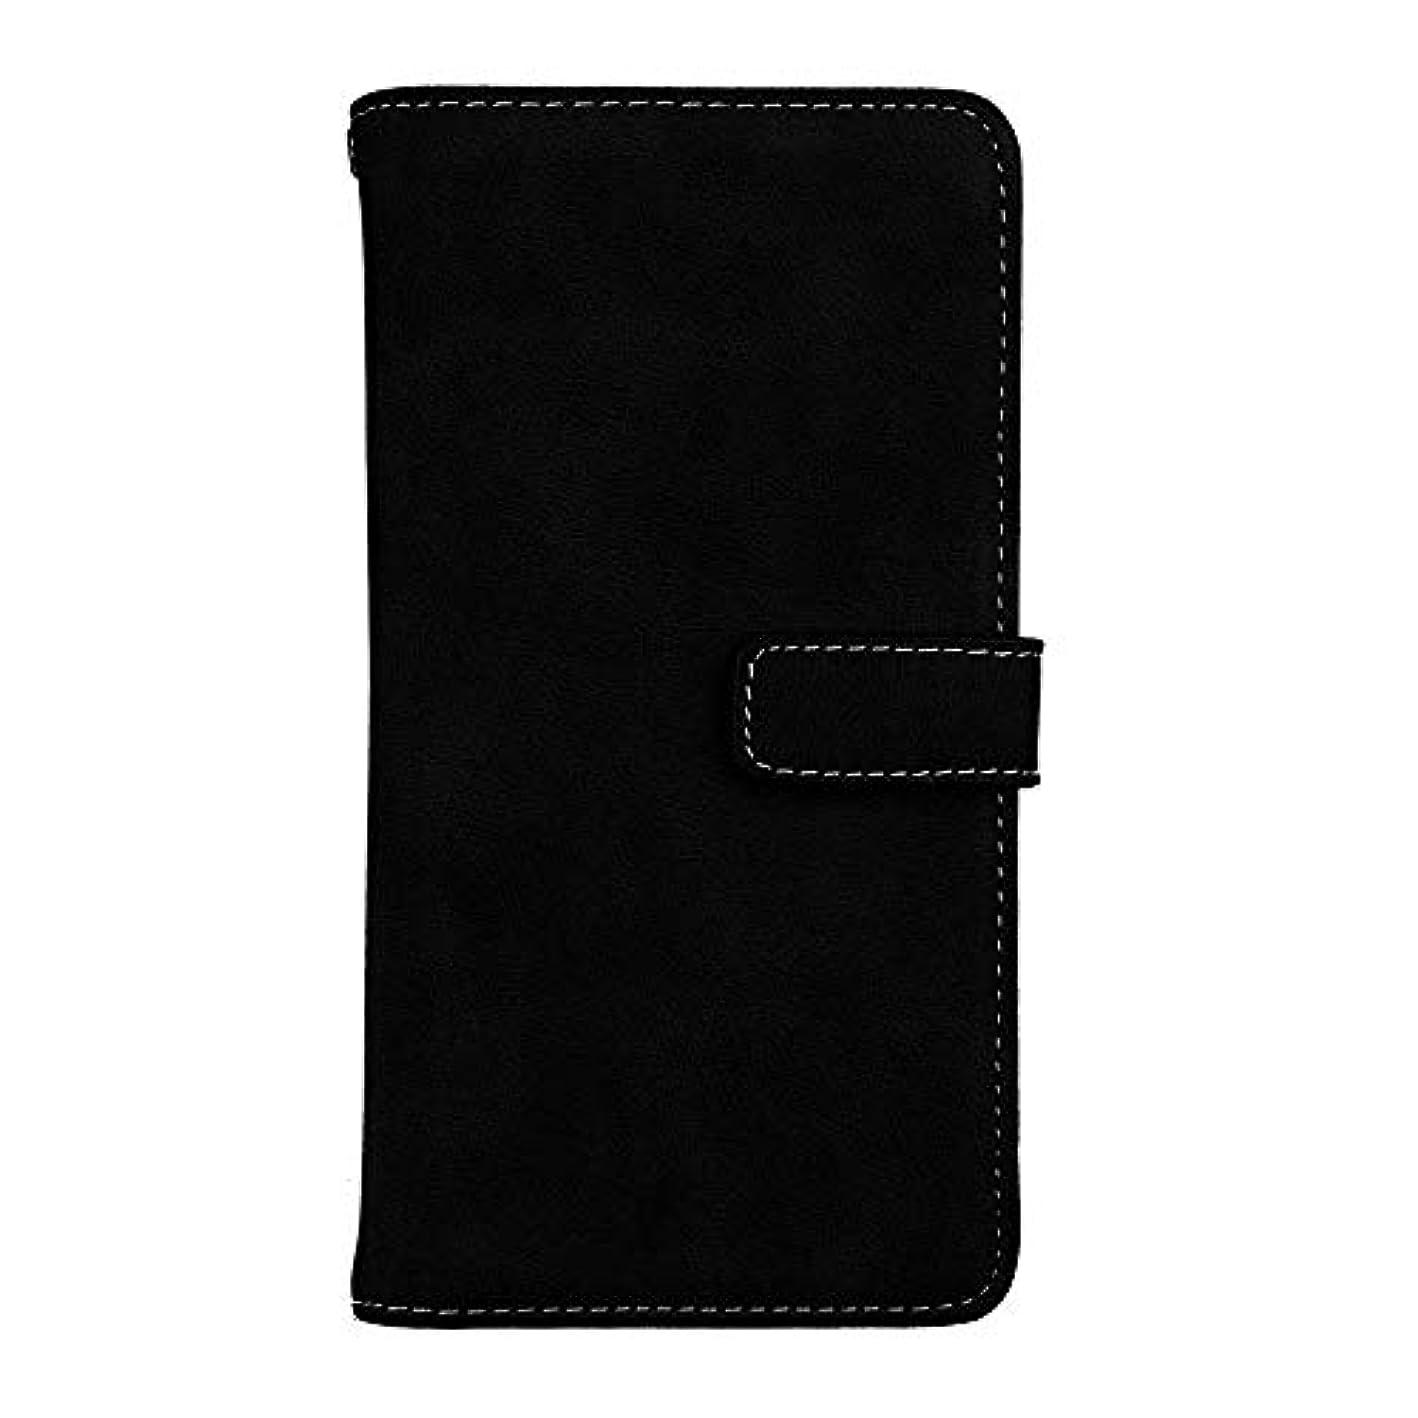 ホールド定刻ふけるXiaomi Redmi Note 5 高品質 マグネット ケース, CUNUS 携帯電話 ケース 軽量 柔軟 高品質 耐摩擦 カード収納 カバー Xiaomi Redmi Note 5 用, ブラック